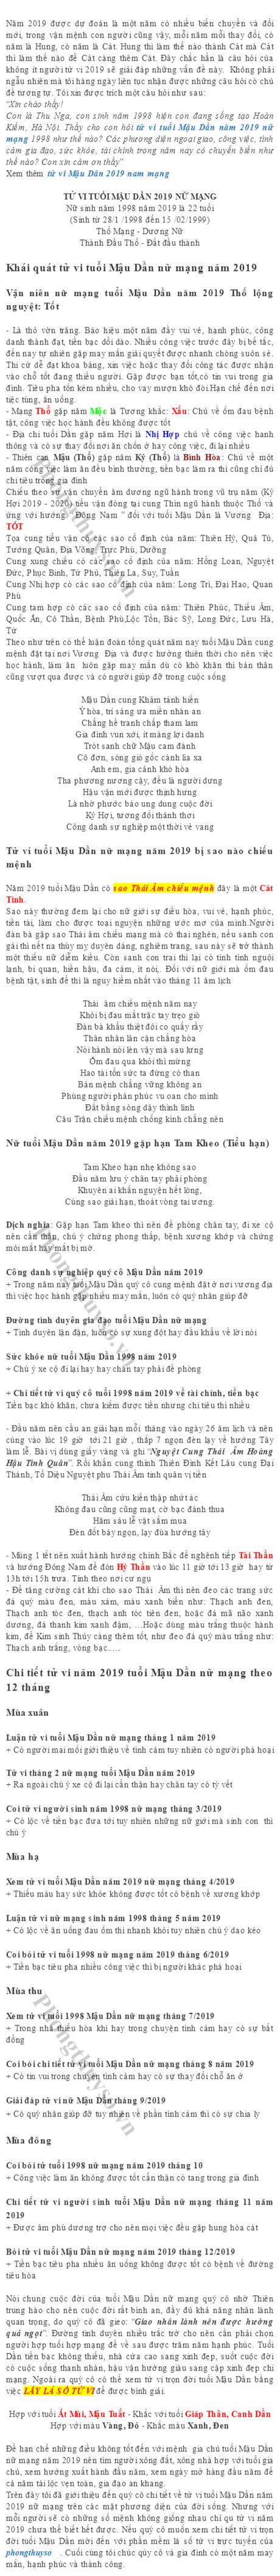 tu-vi-tuoi-mau-dan-nam-2019-nu-mang